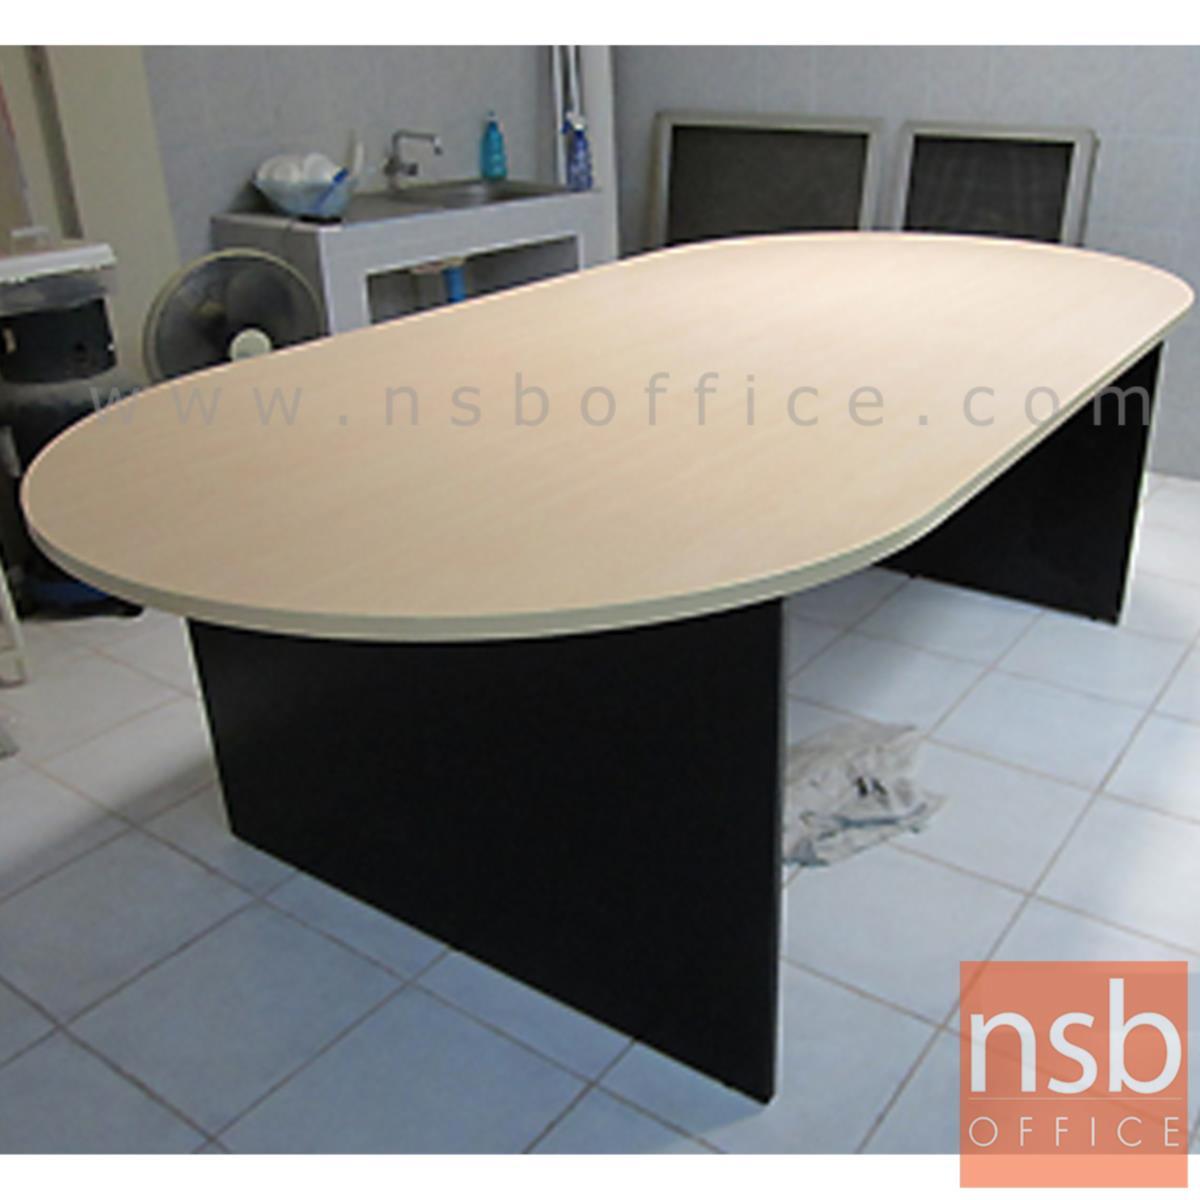 โต๊ะประชุมหัวโค้ง  6 ,8 ,10 ที่นั่ง ขนาด 180W ,200W ,240W cm.  ขาไม้